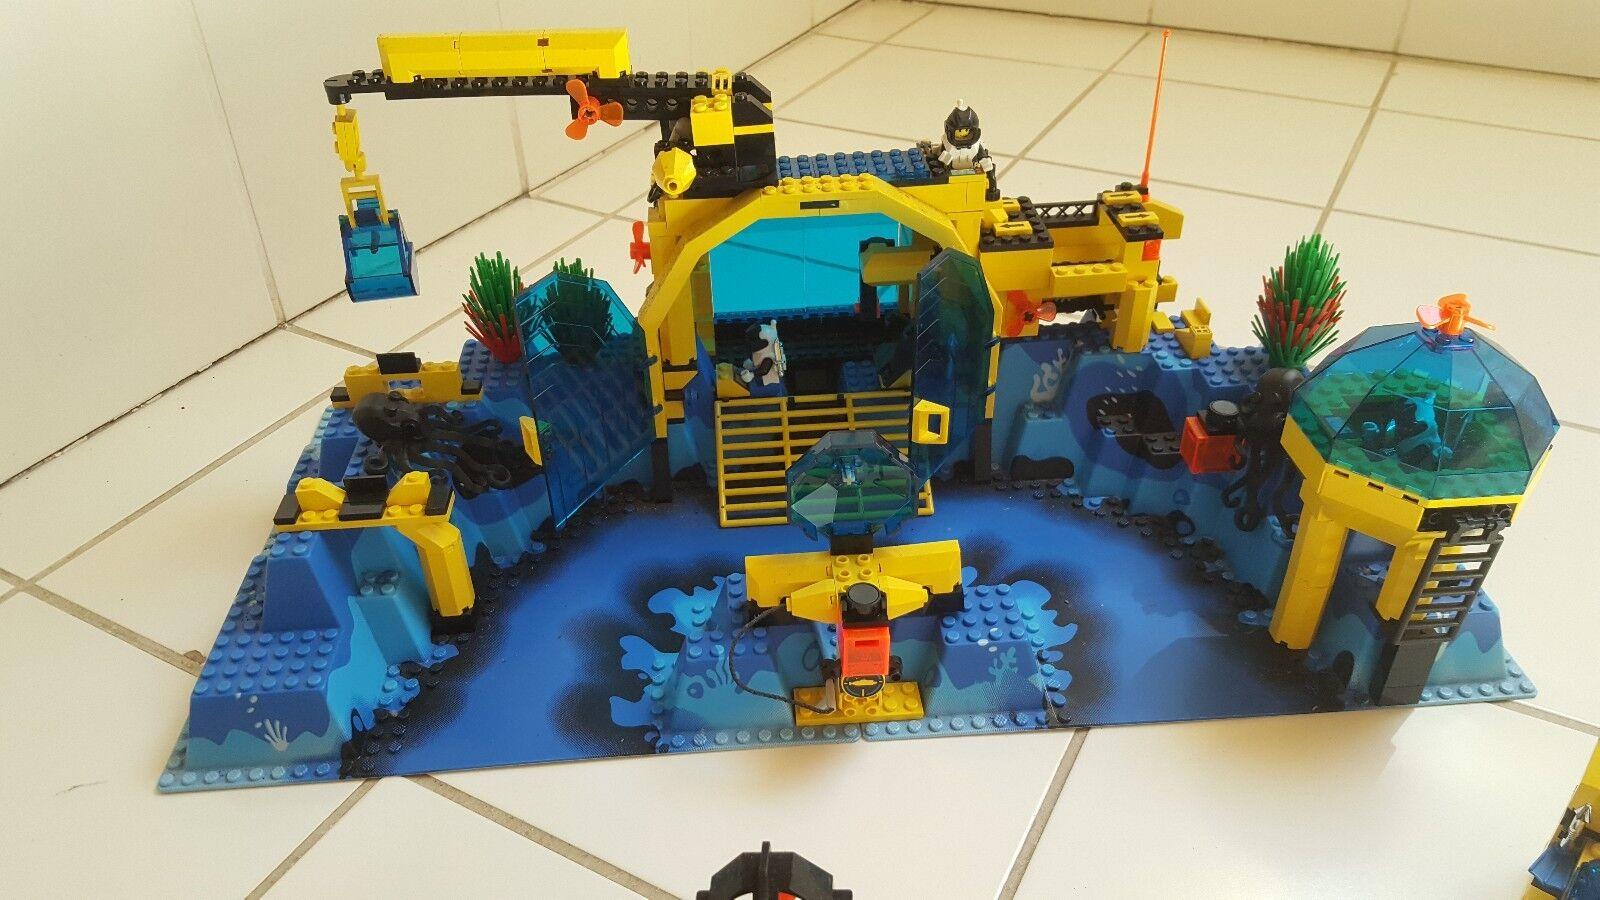 OSTERN OSTERN OSTERN KOMMT    LEGO     Unterwasserwelt.. alles komplett.. MEGA COOL 2345c8